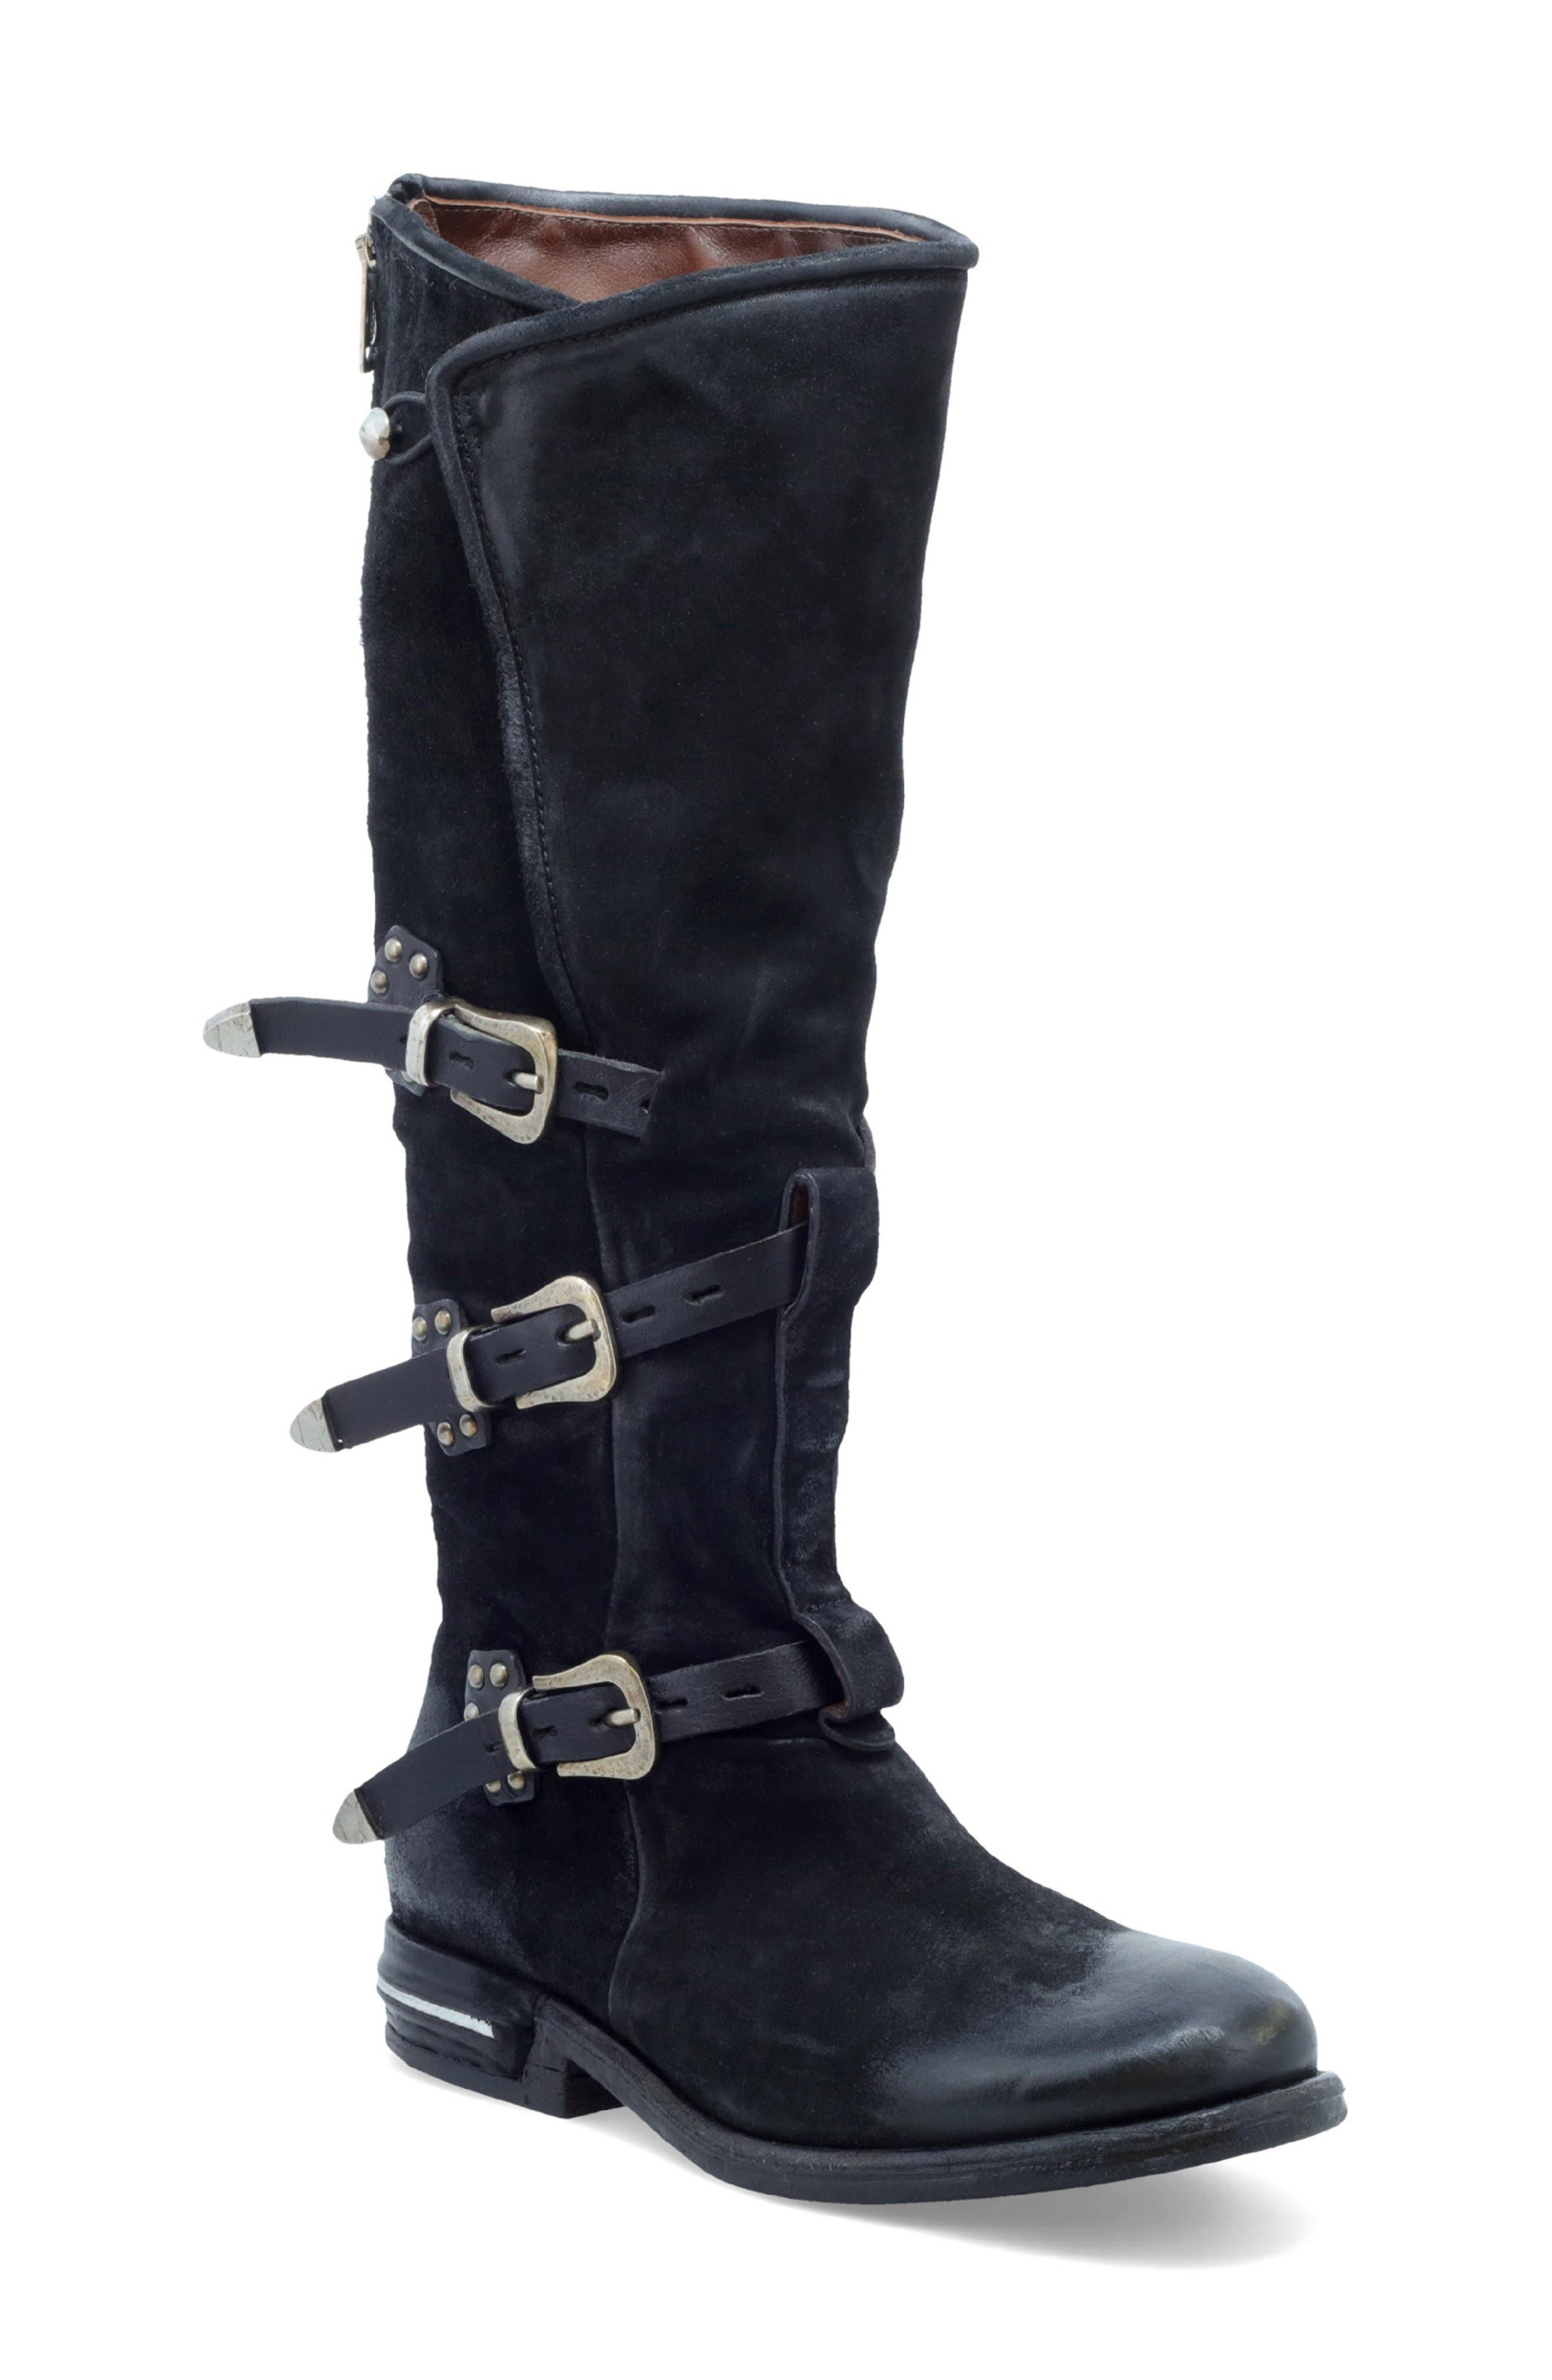 Women's A.s.98 Trigg Knee High Boot